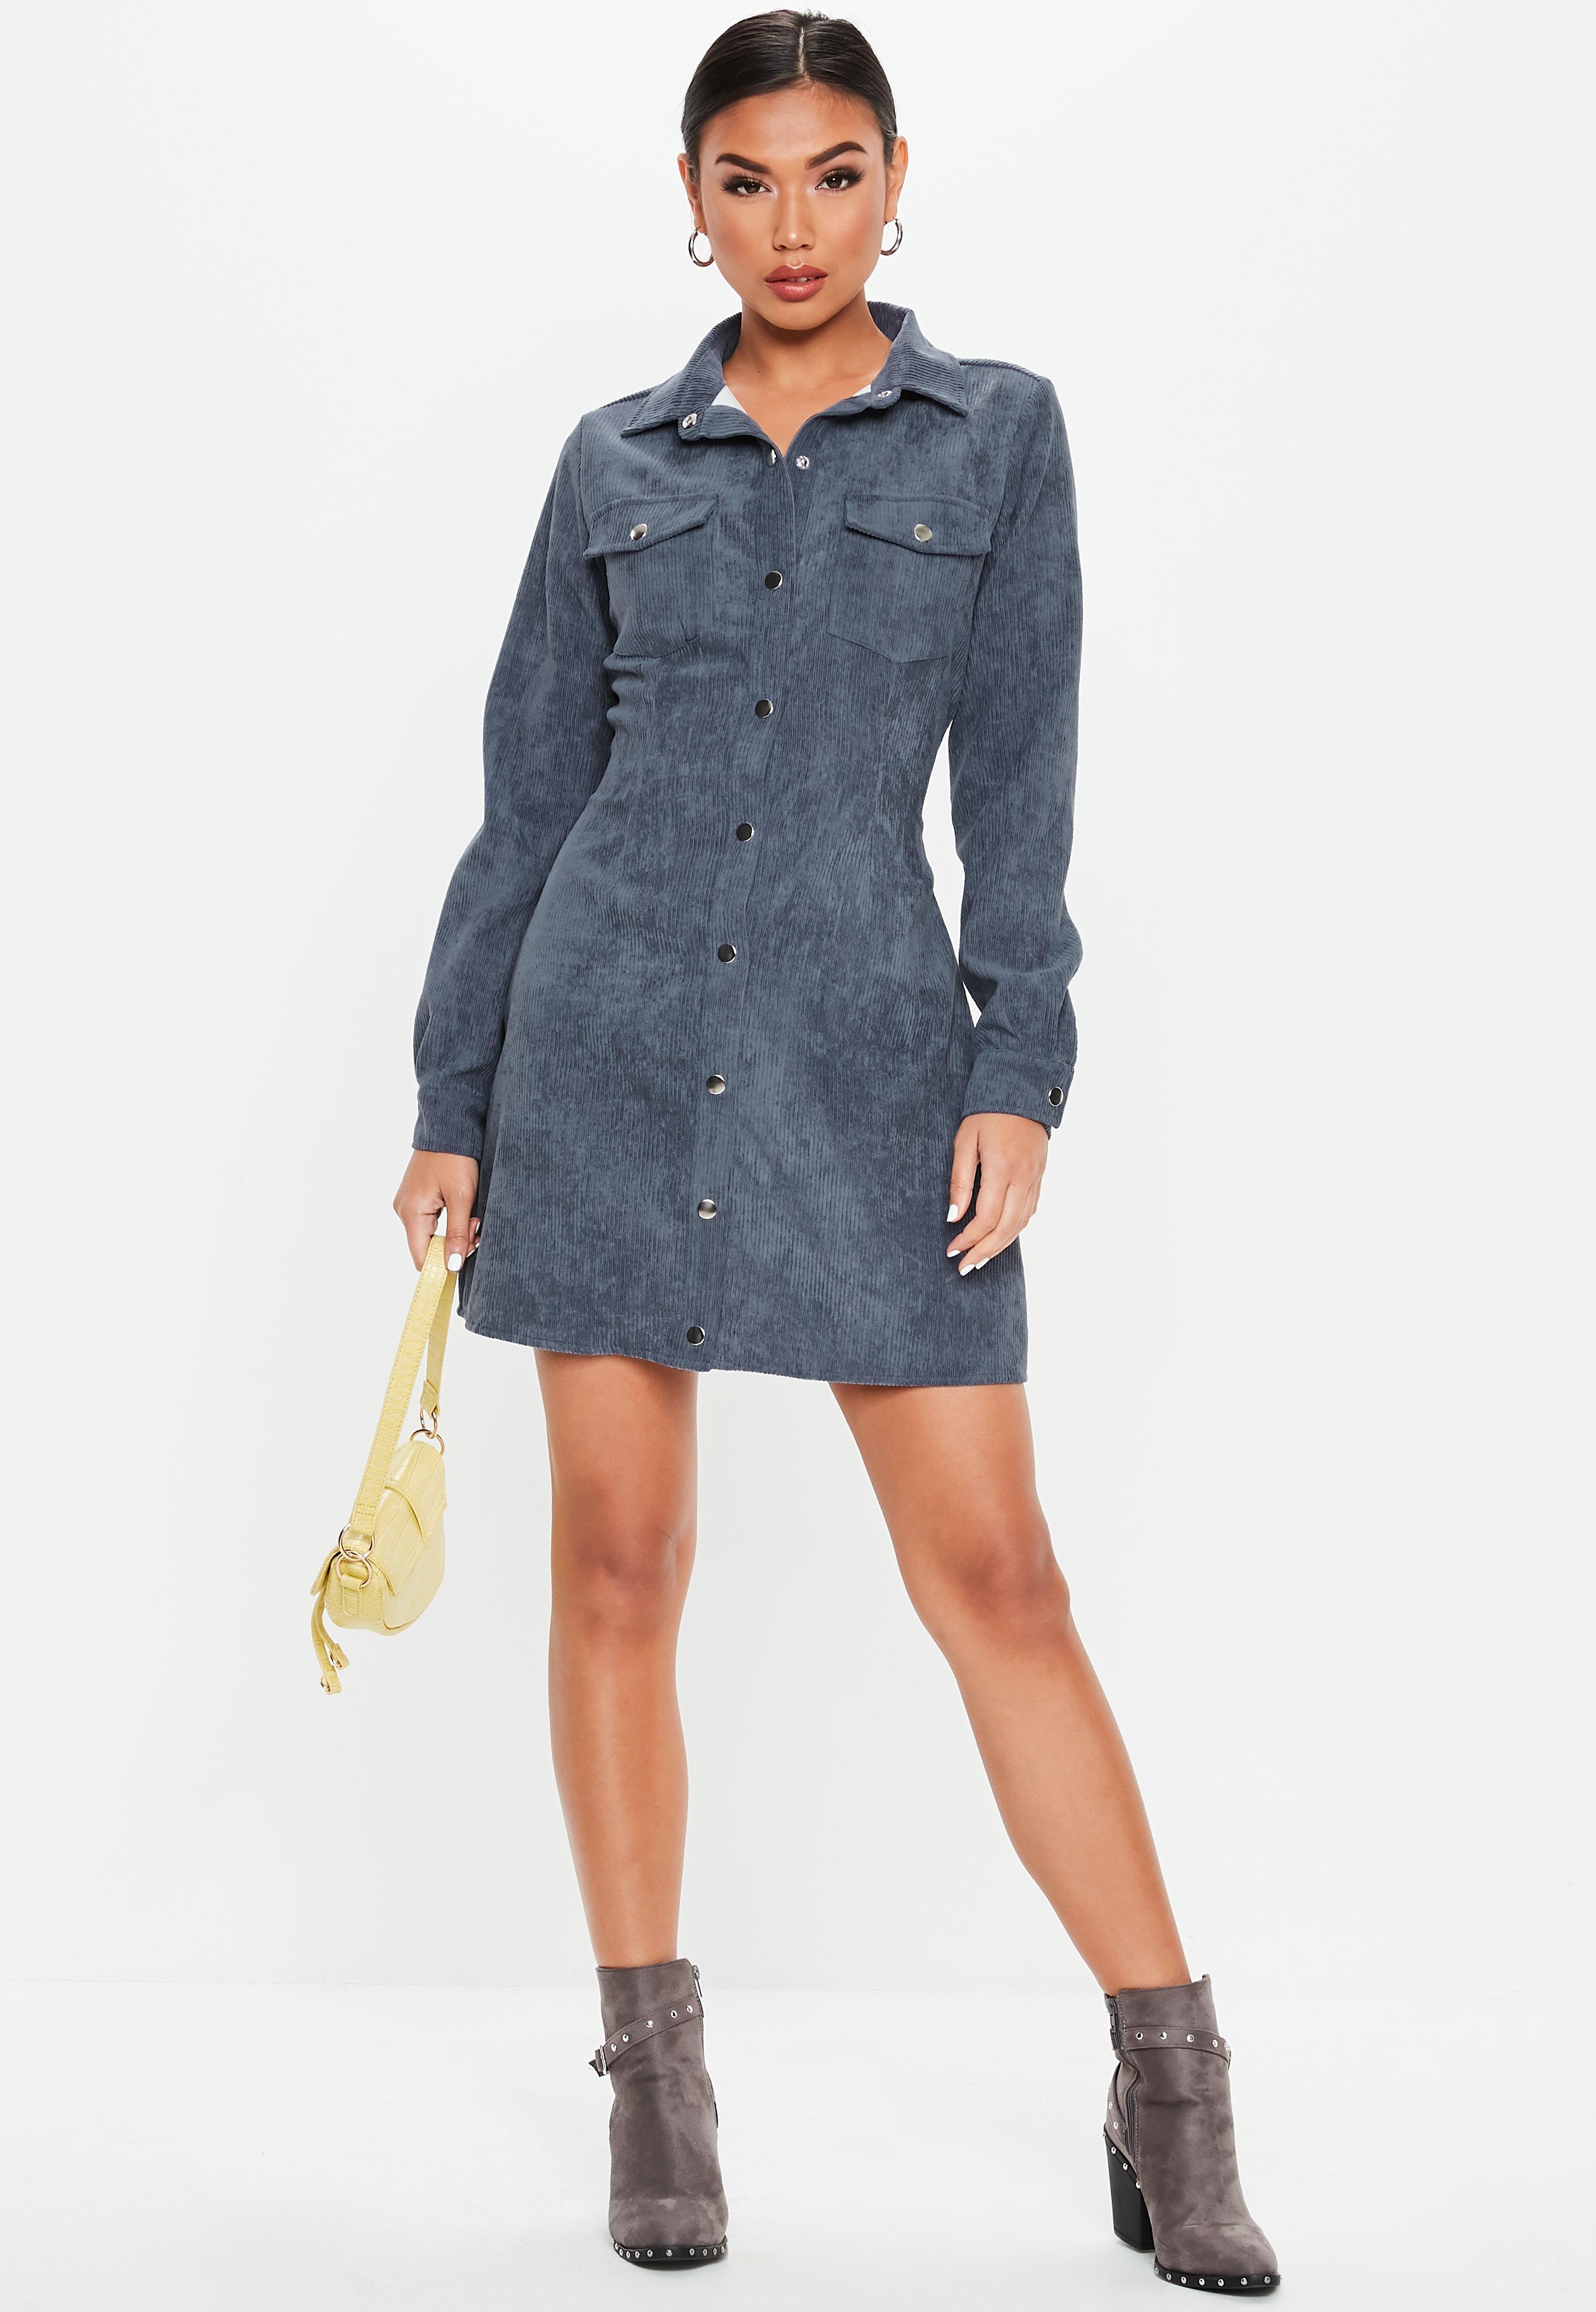 d601cca020 Missguided - Blue Cord Skater Shirt Dress - Lyst. View fullscreen